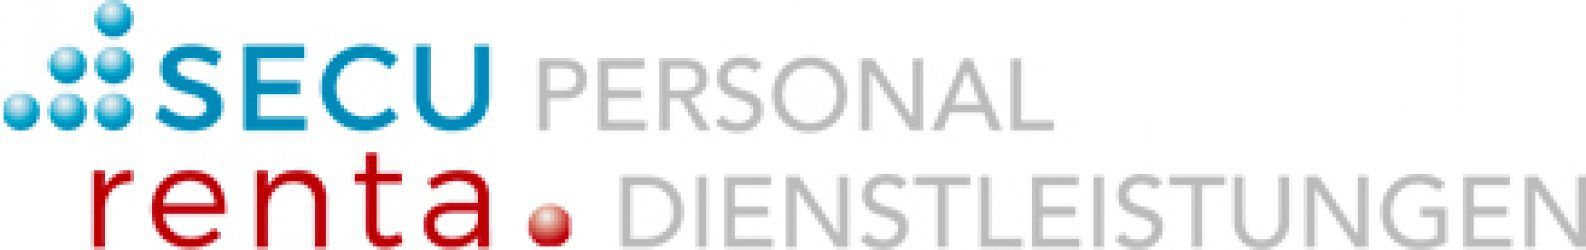 Securenta Personaldienstleistungen GmbH